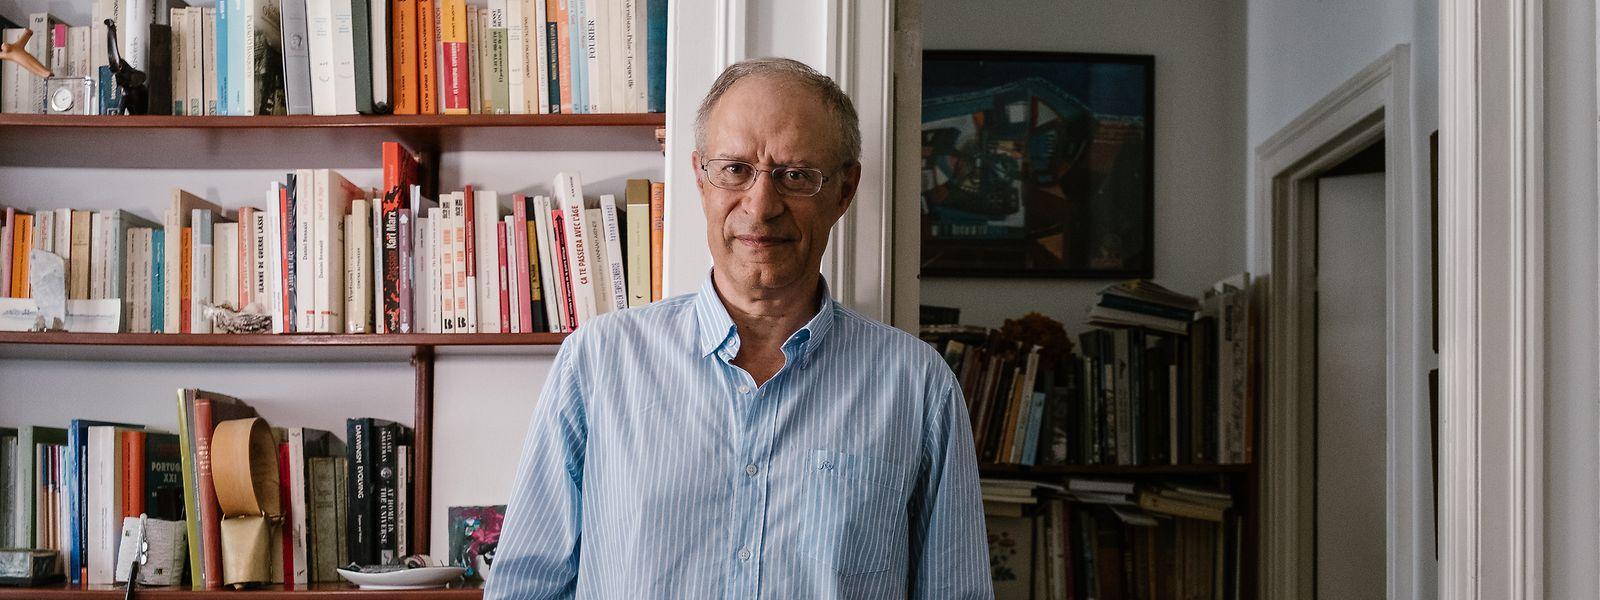 Francisco Louçã, economista e político português, ex-coordenador do Bloco de Esquerda.